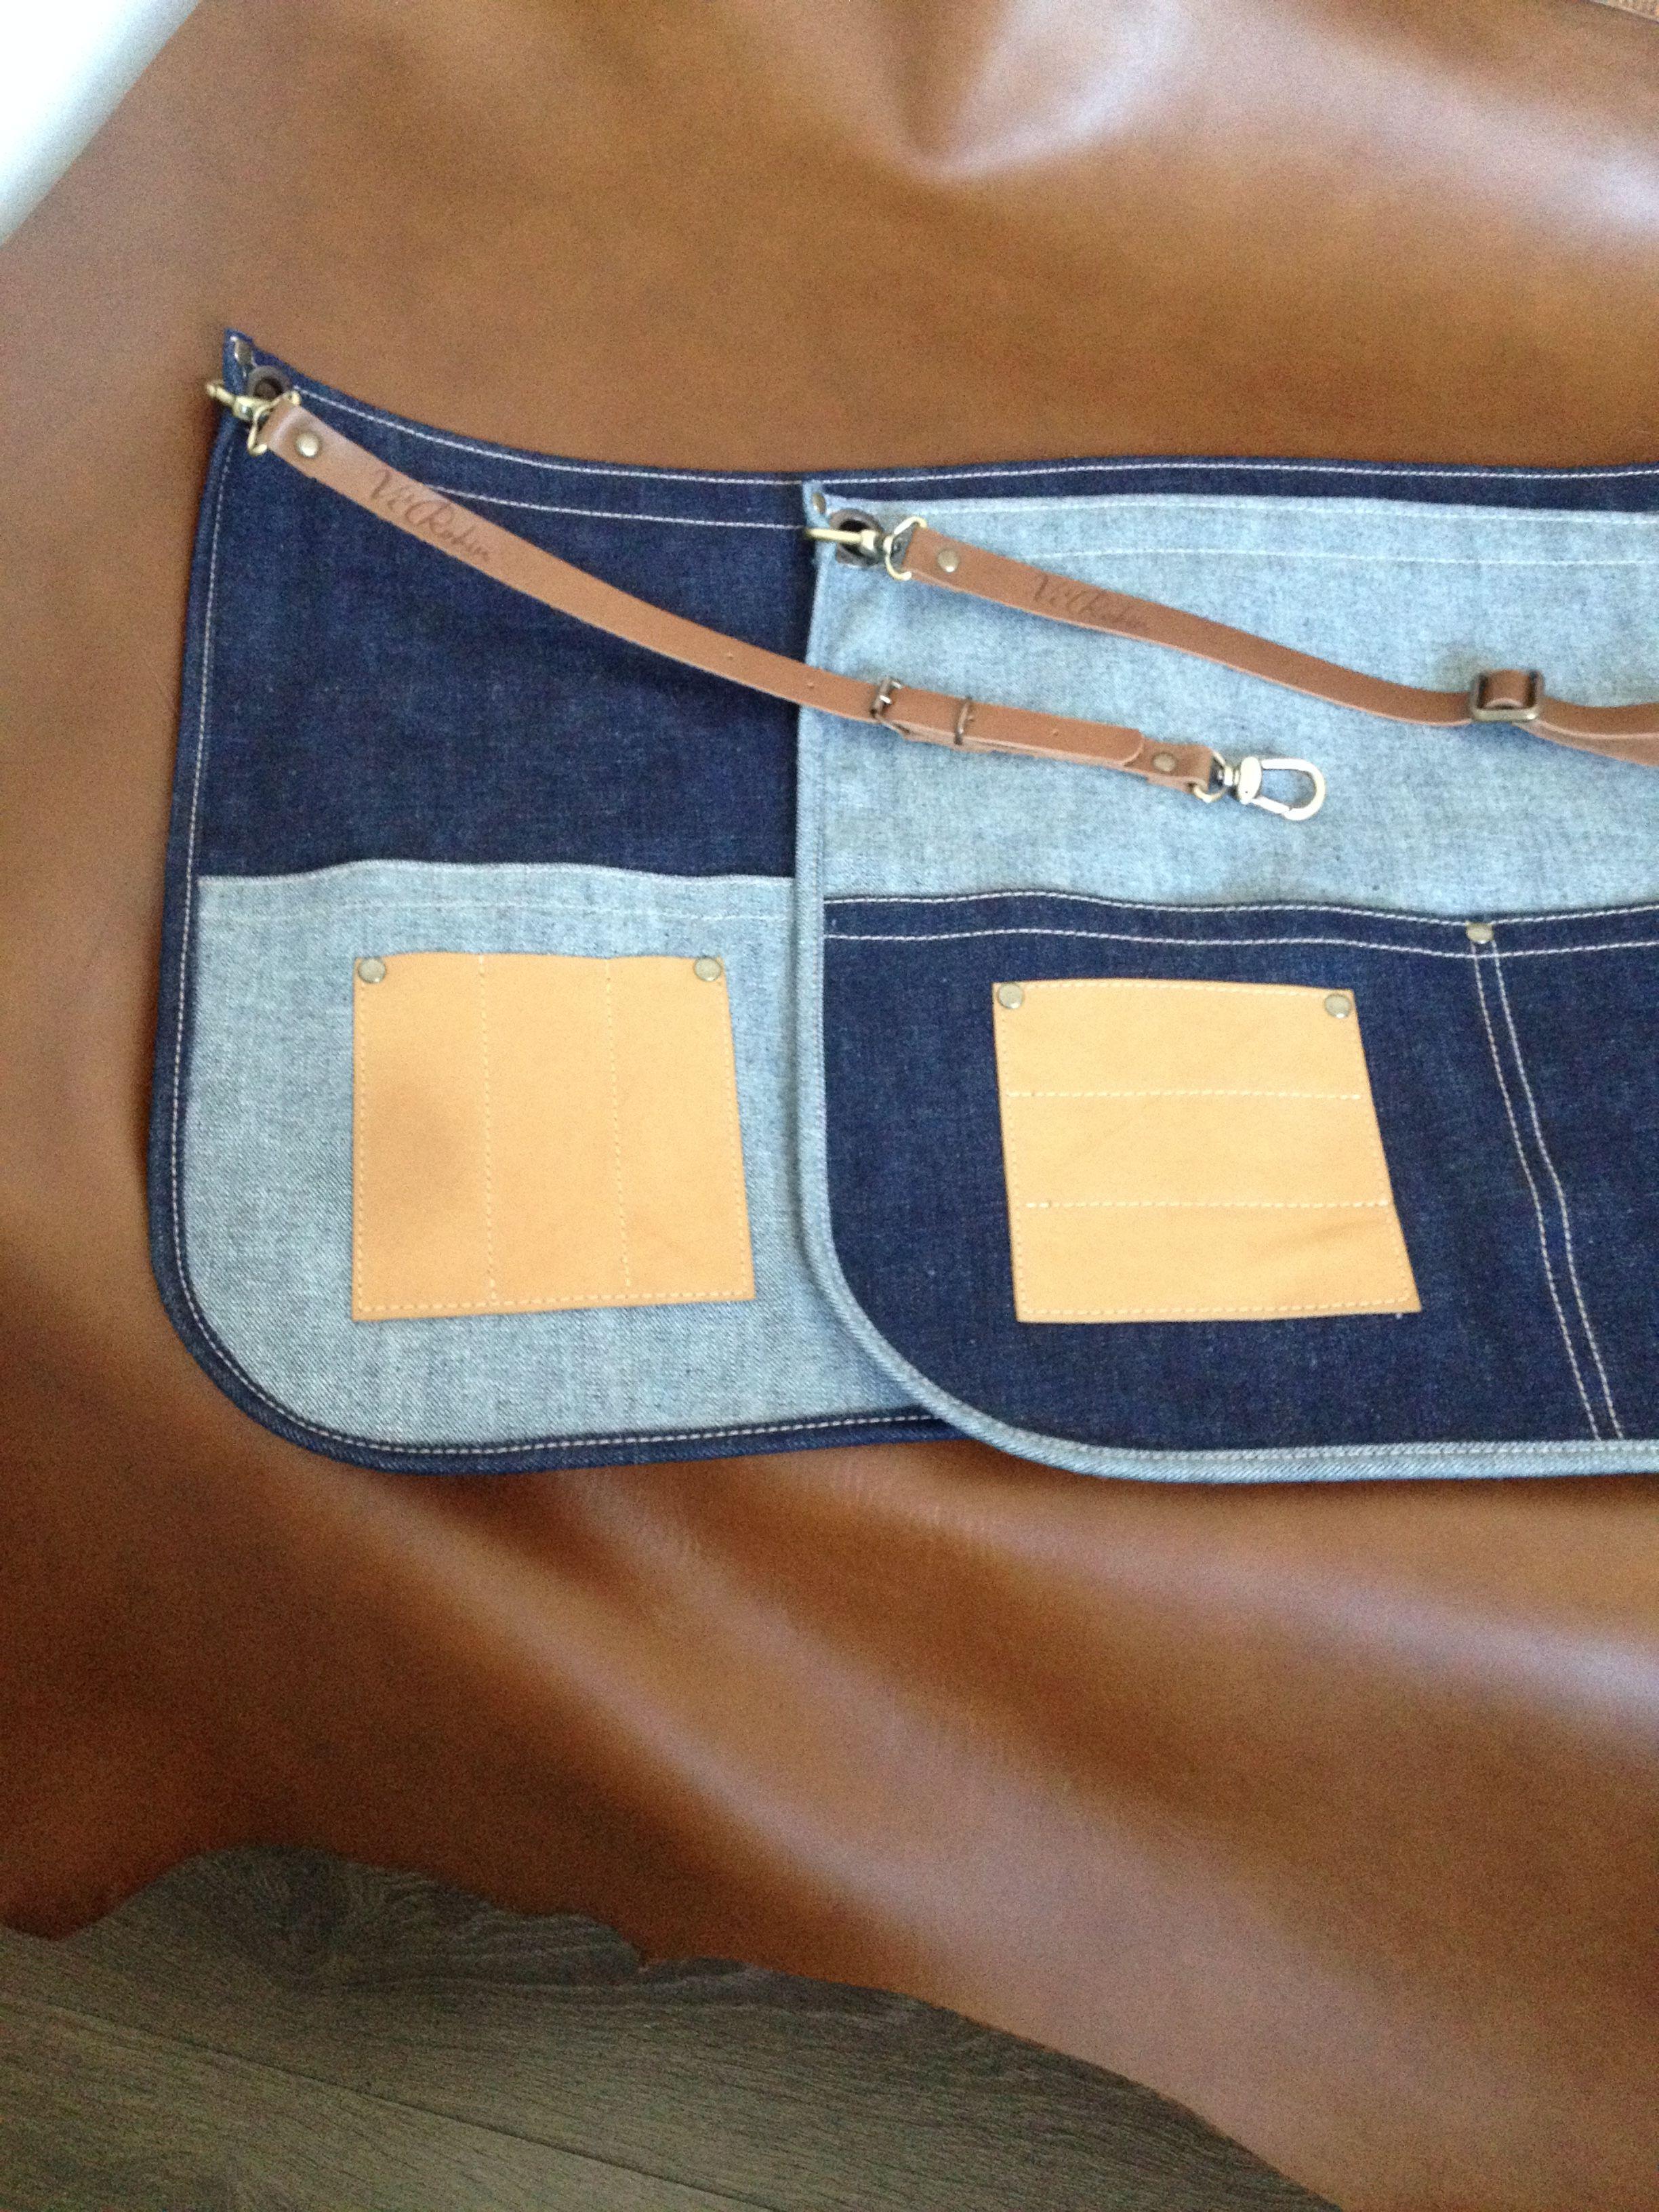 Передник из классической джинсы плотностью 13oz с кожаным ремнем на карабинах и оригинальным кожаным кармашком для ручек/карандашей. Цена 1450 руб. Для варианта цветового сочетания.